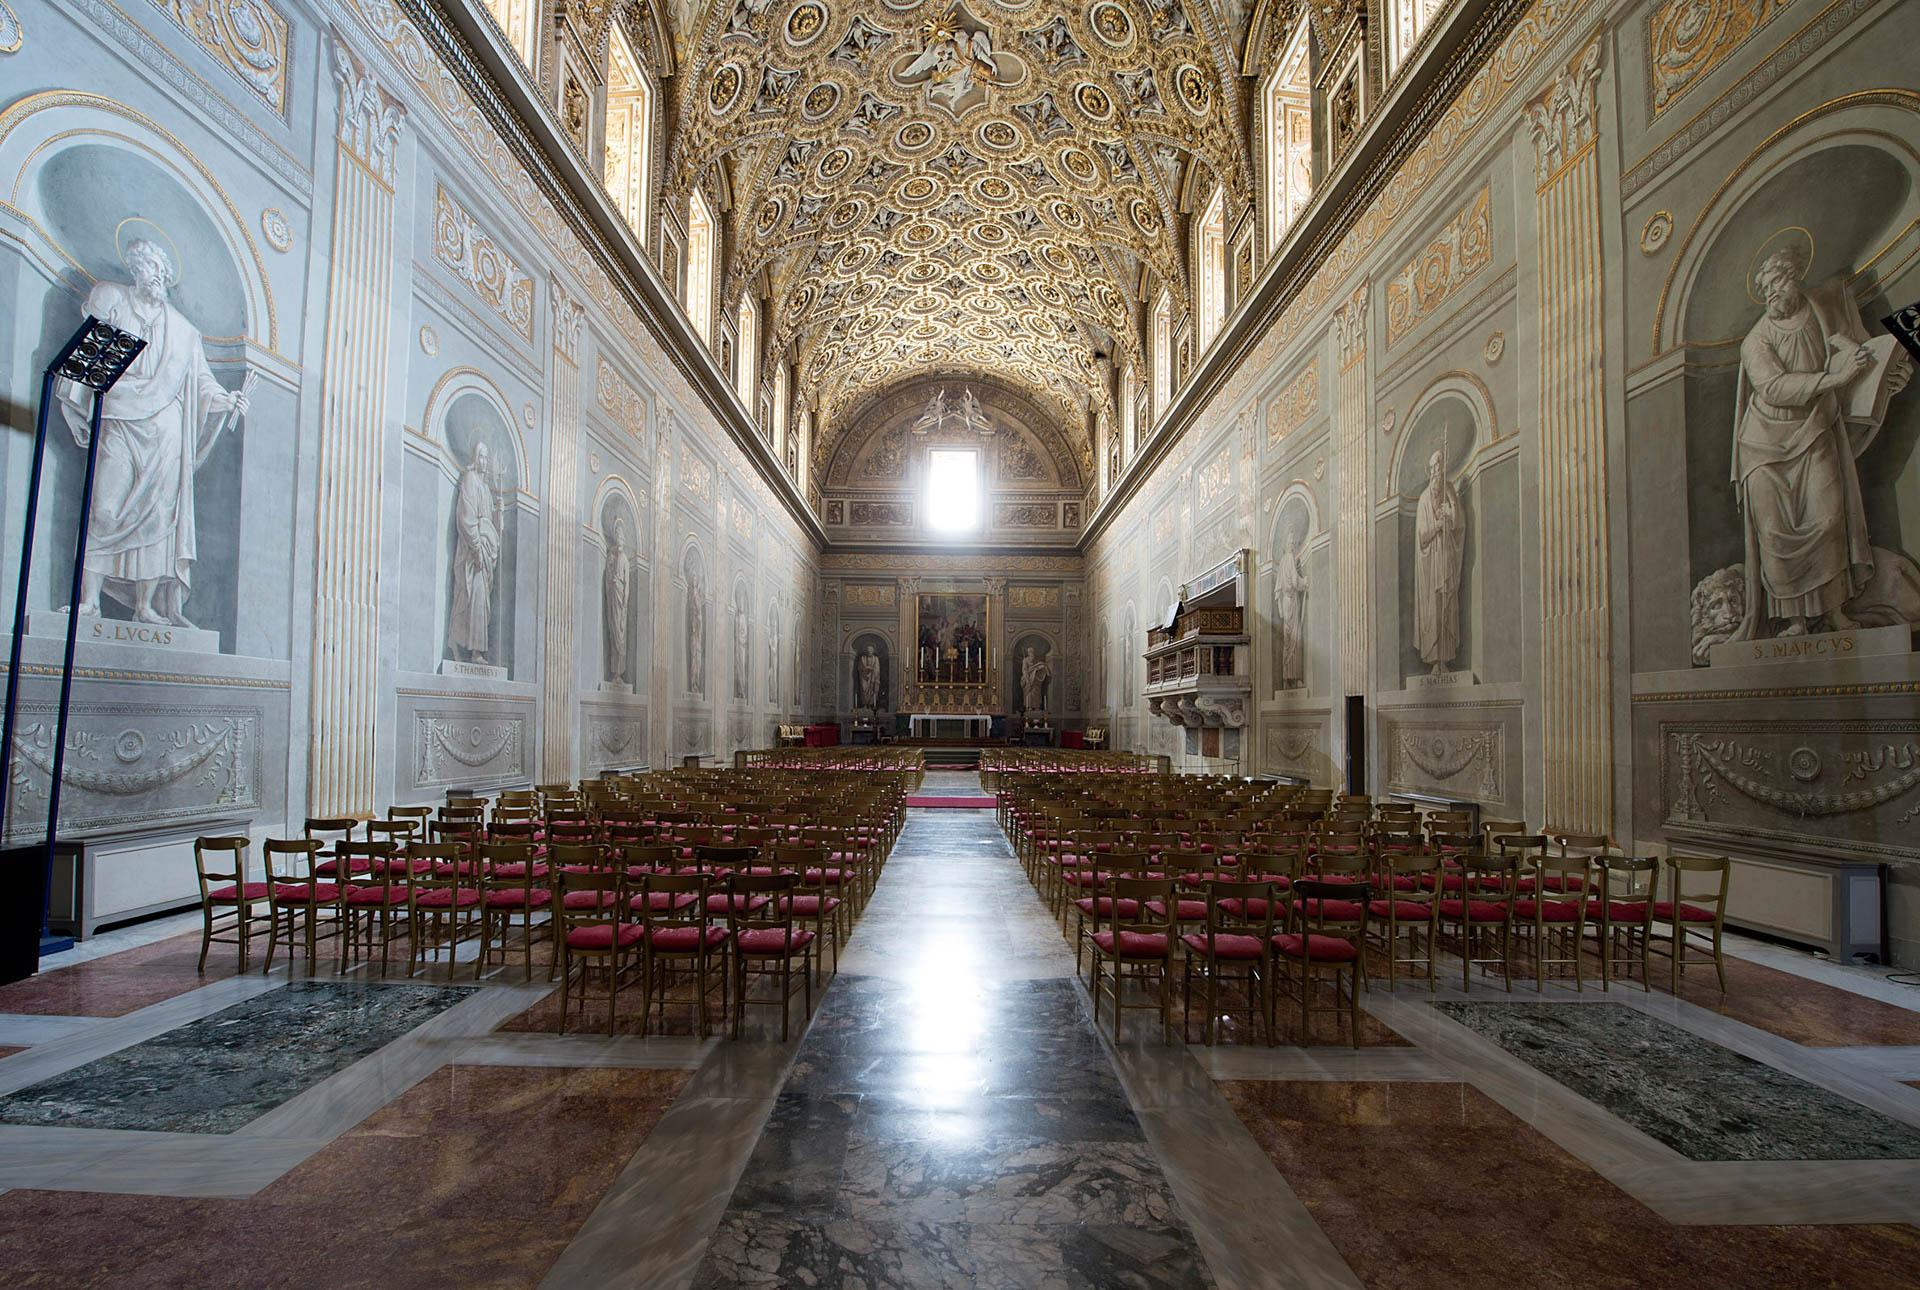 Arte e musica al Quirinale: dalla Cappella Paolina, il concerto del Trio Folk su Radio3